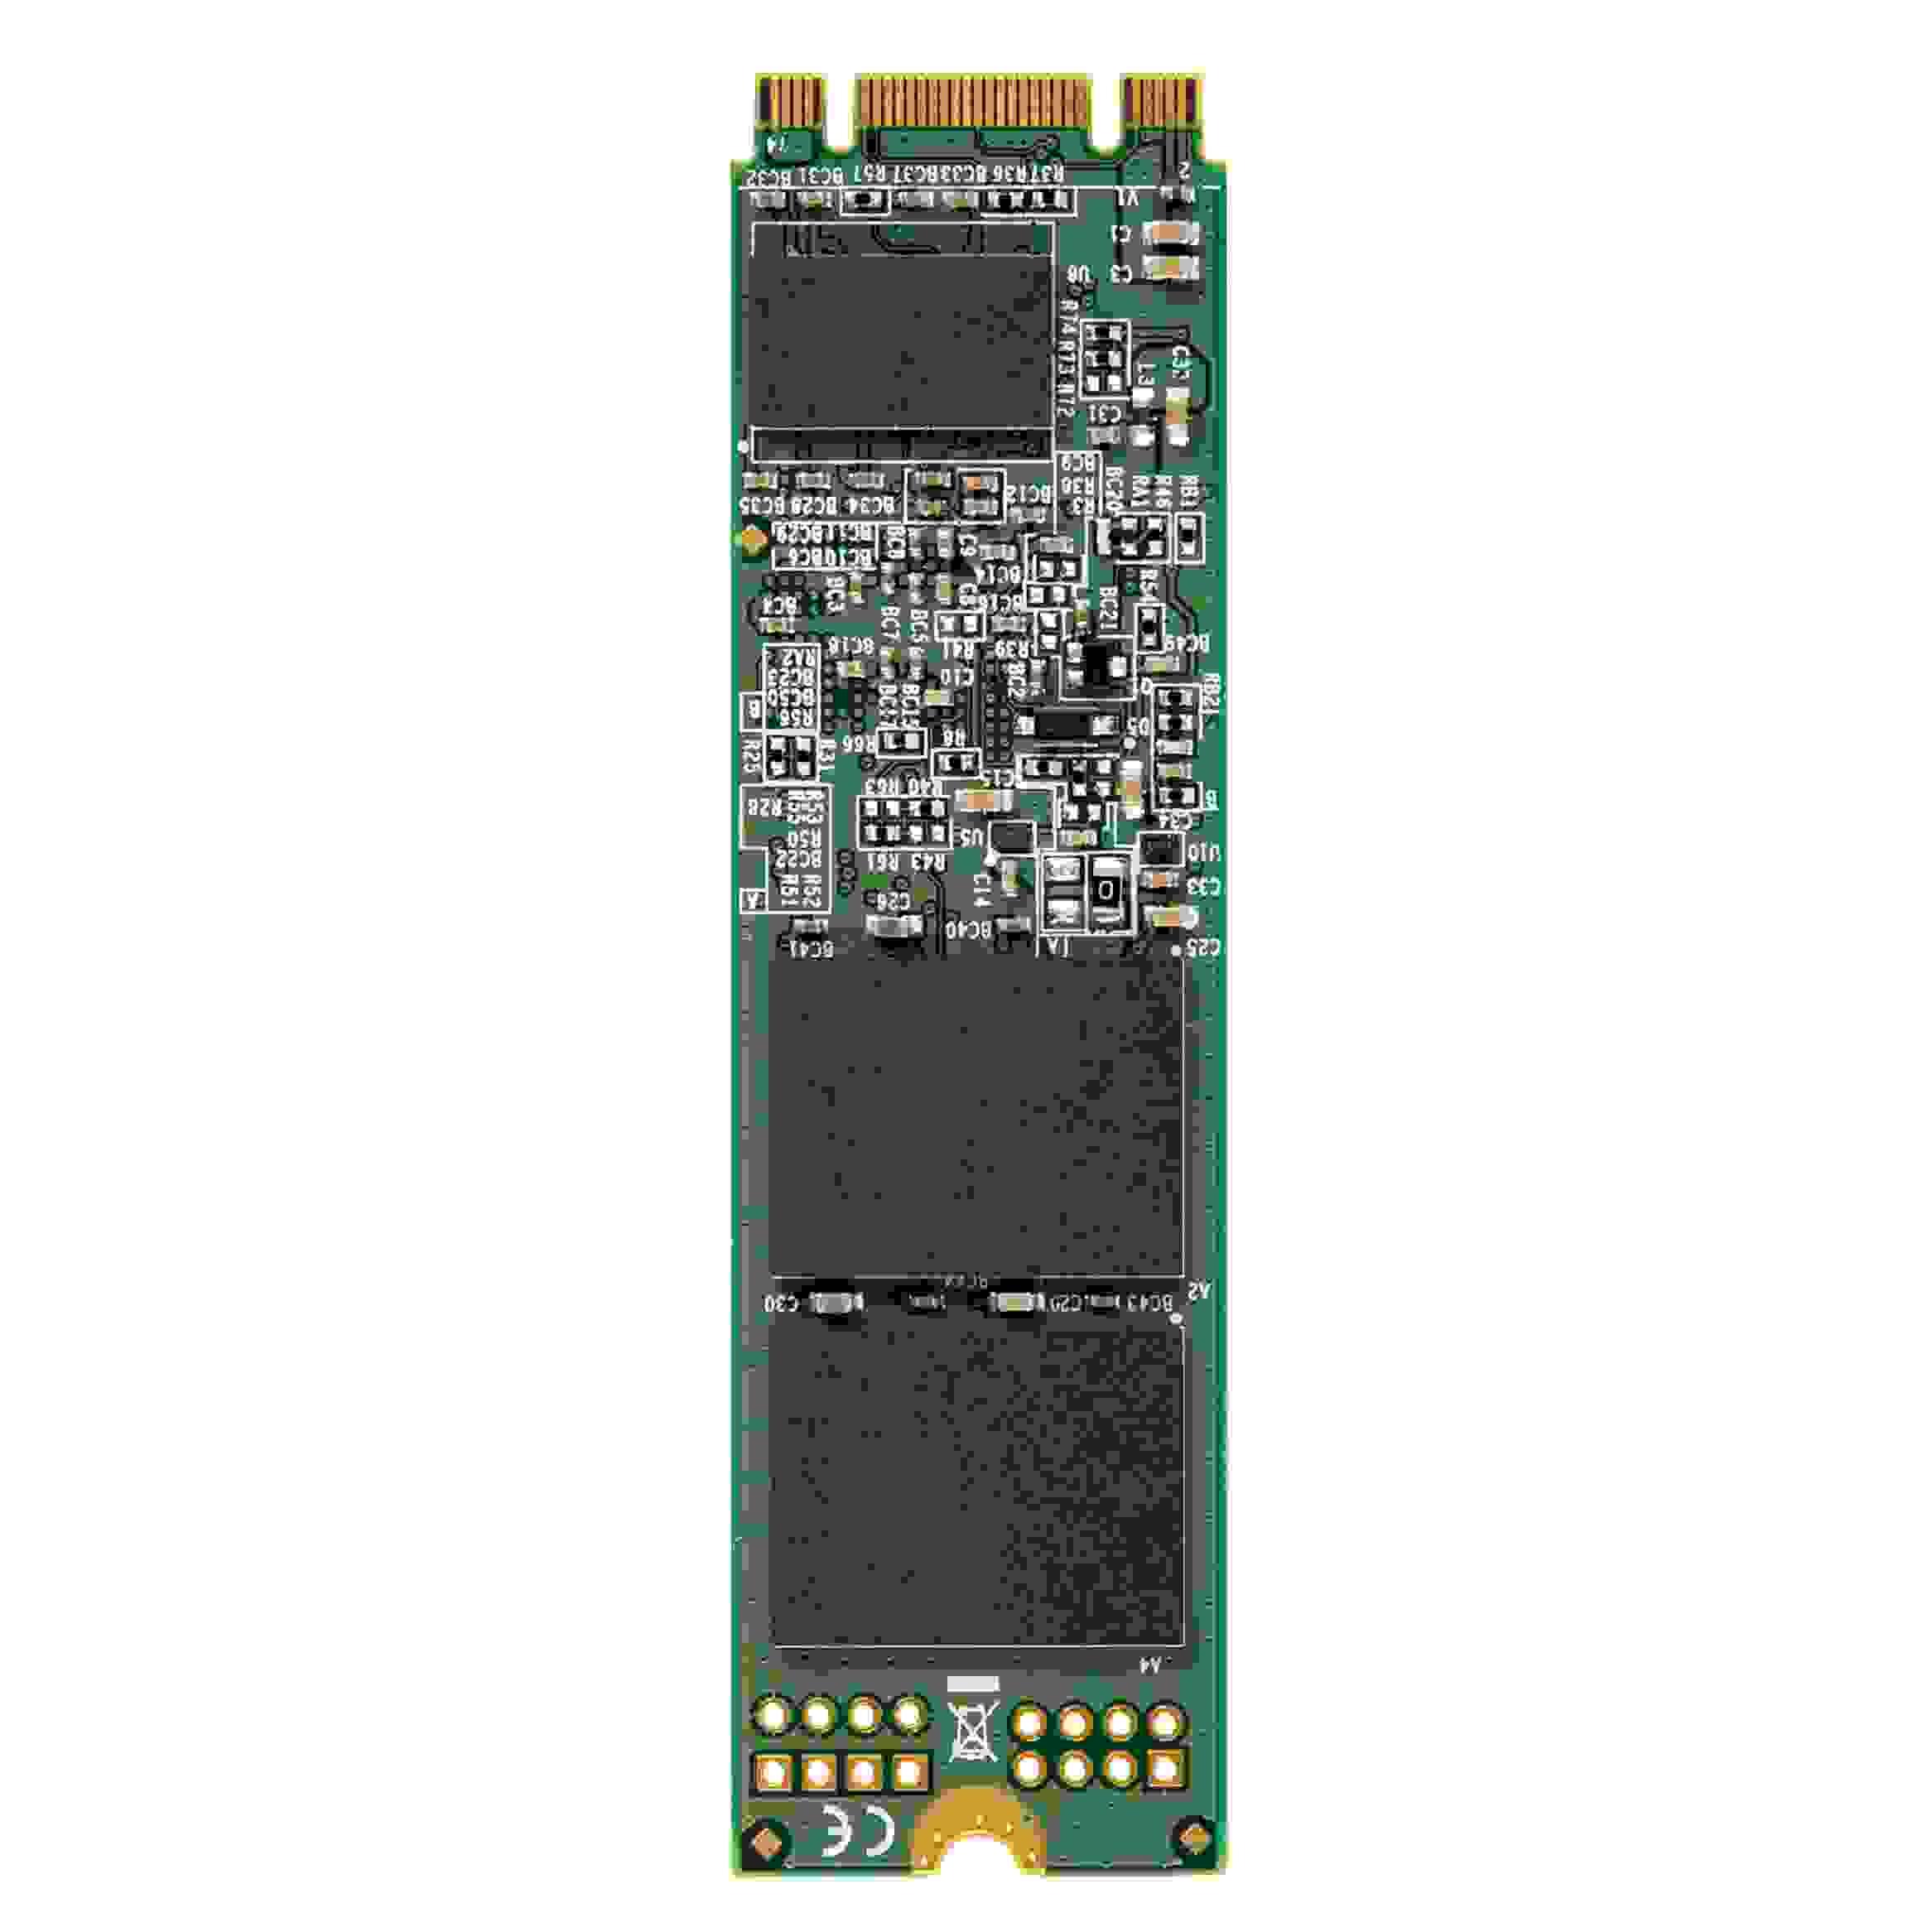 TRANSCEND Industrial SSD MTS800 256GB, M.2 2280, SATA III 6Gb/s, MLC (TS256GMTS800S)